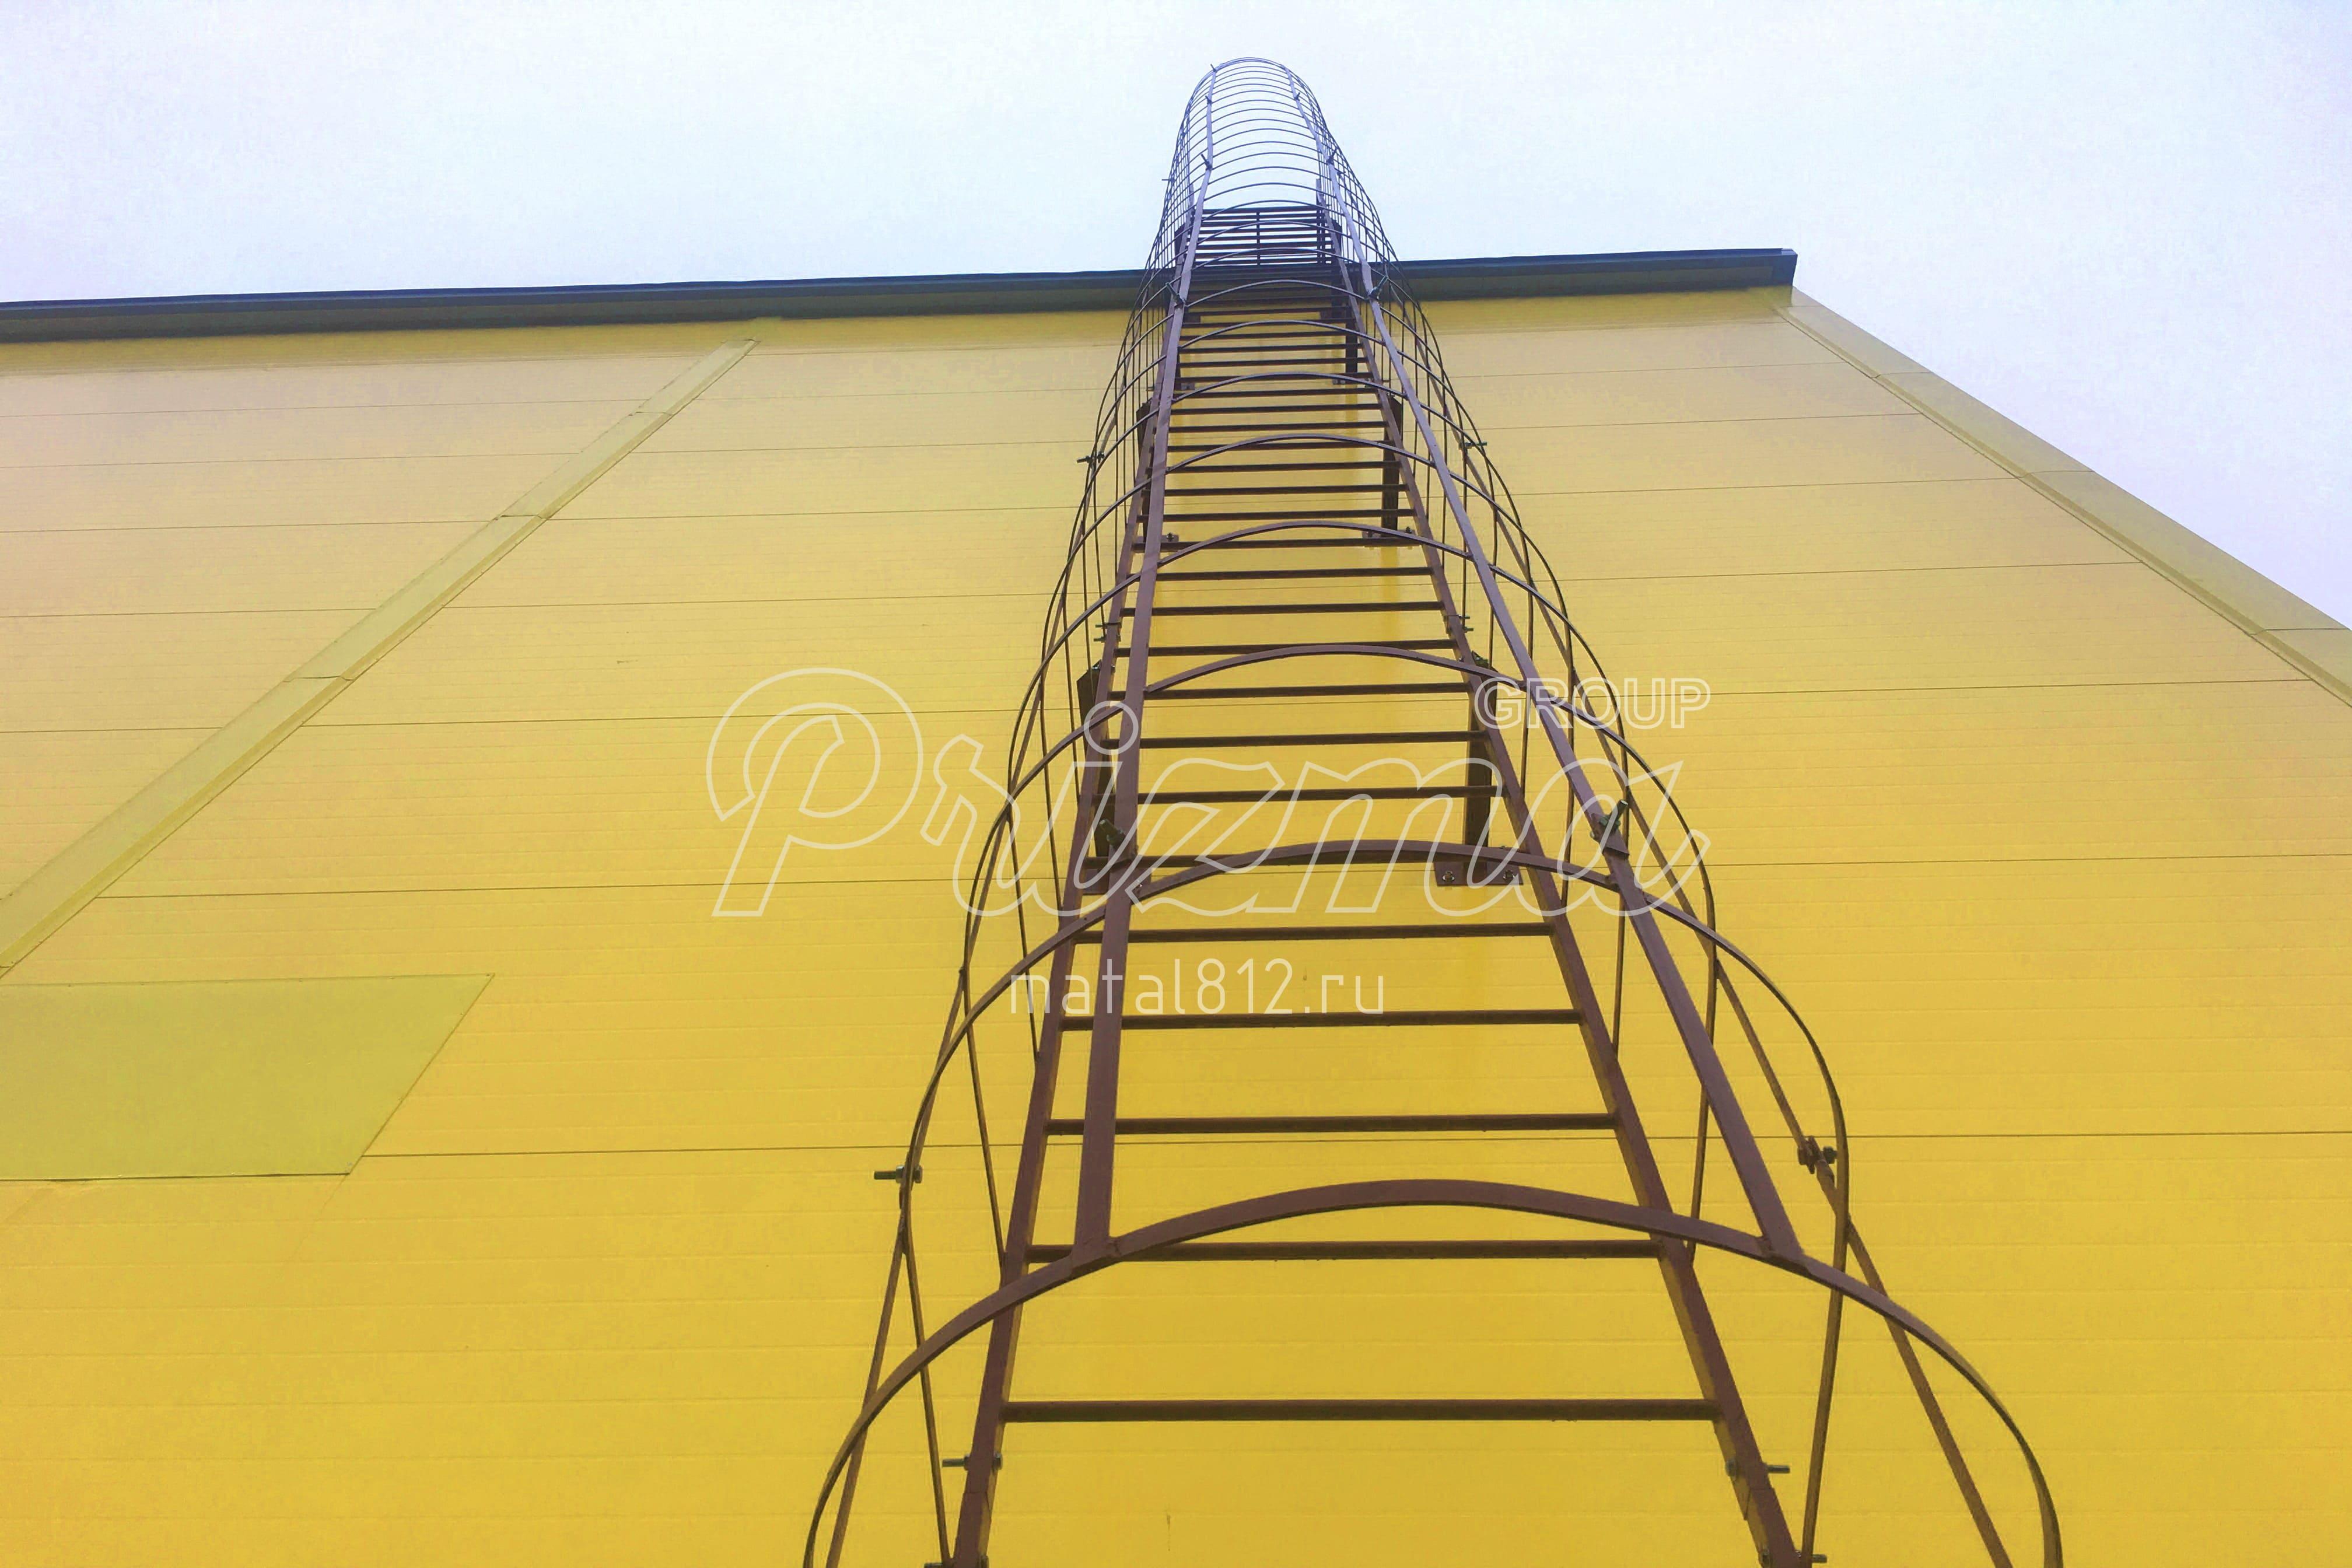 Ограждение вертикальных лестниц окраска по RAL